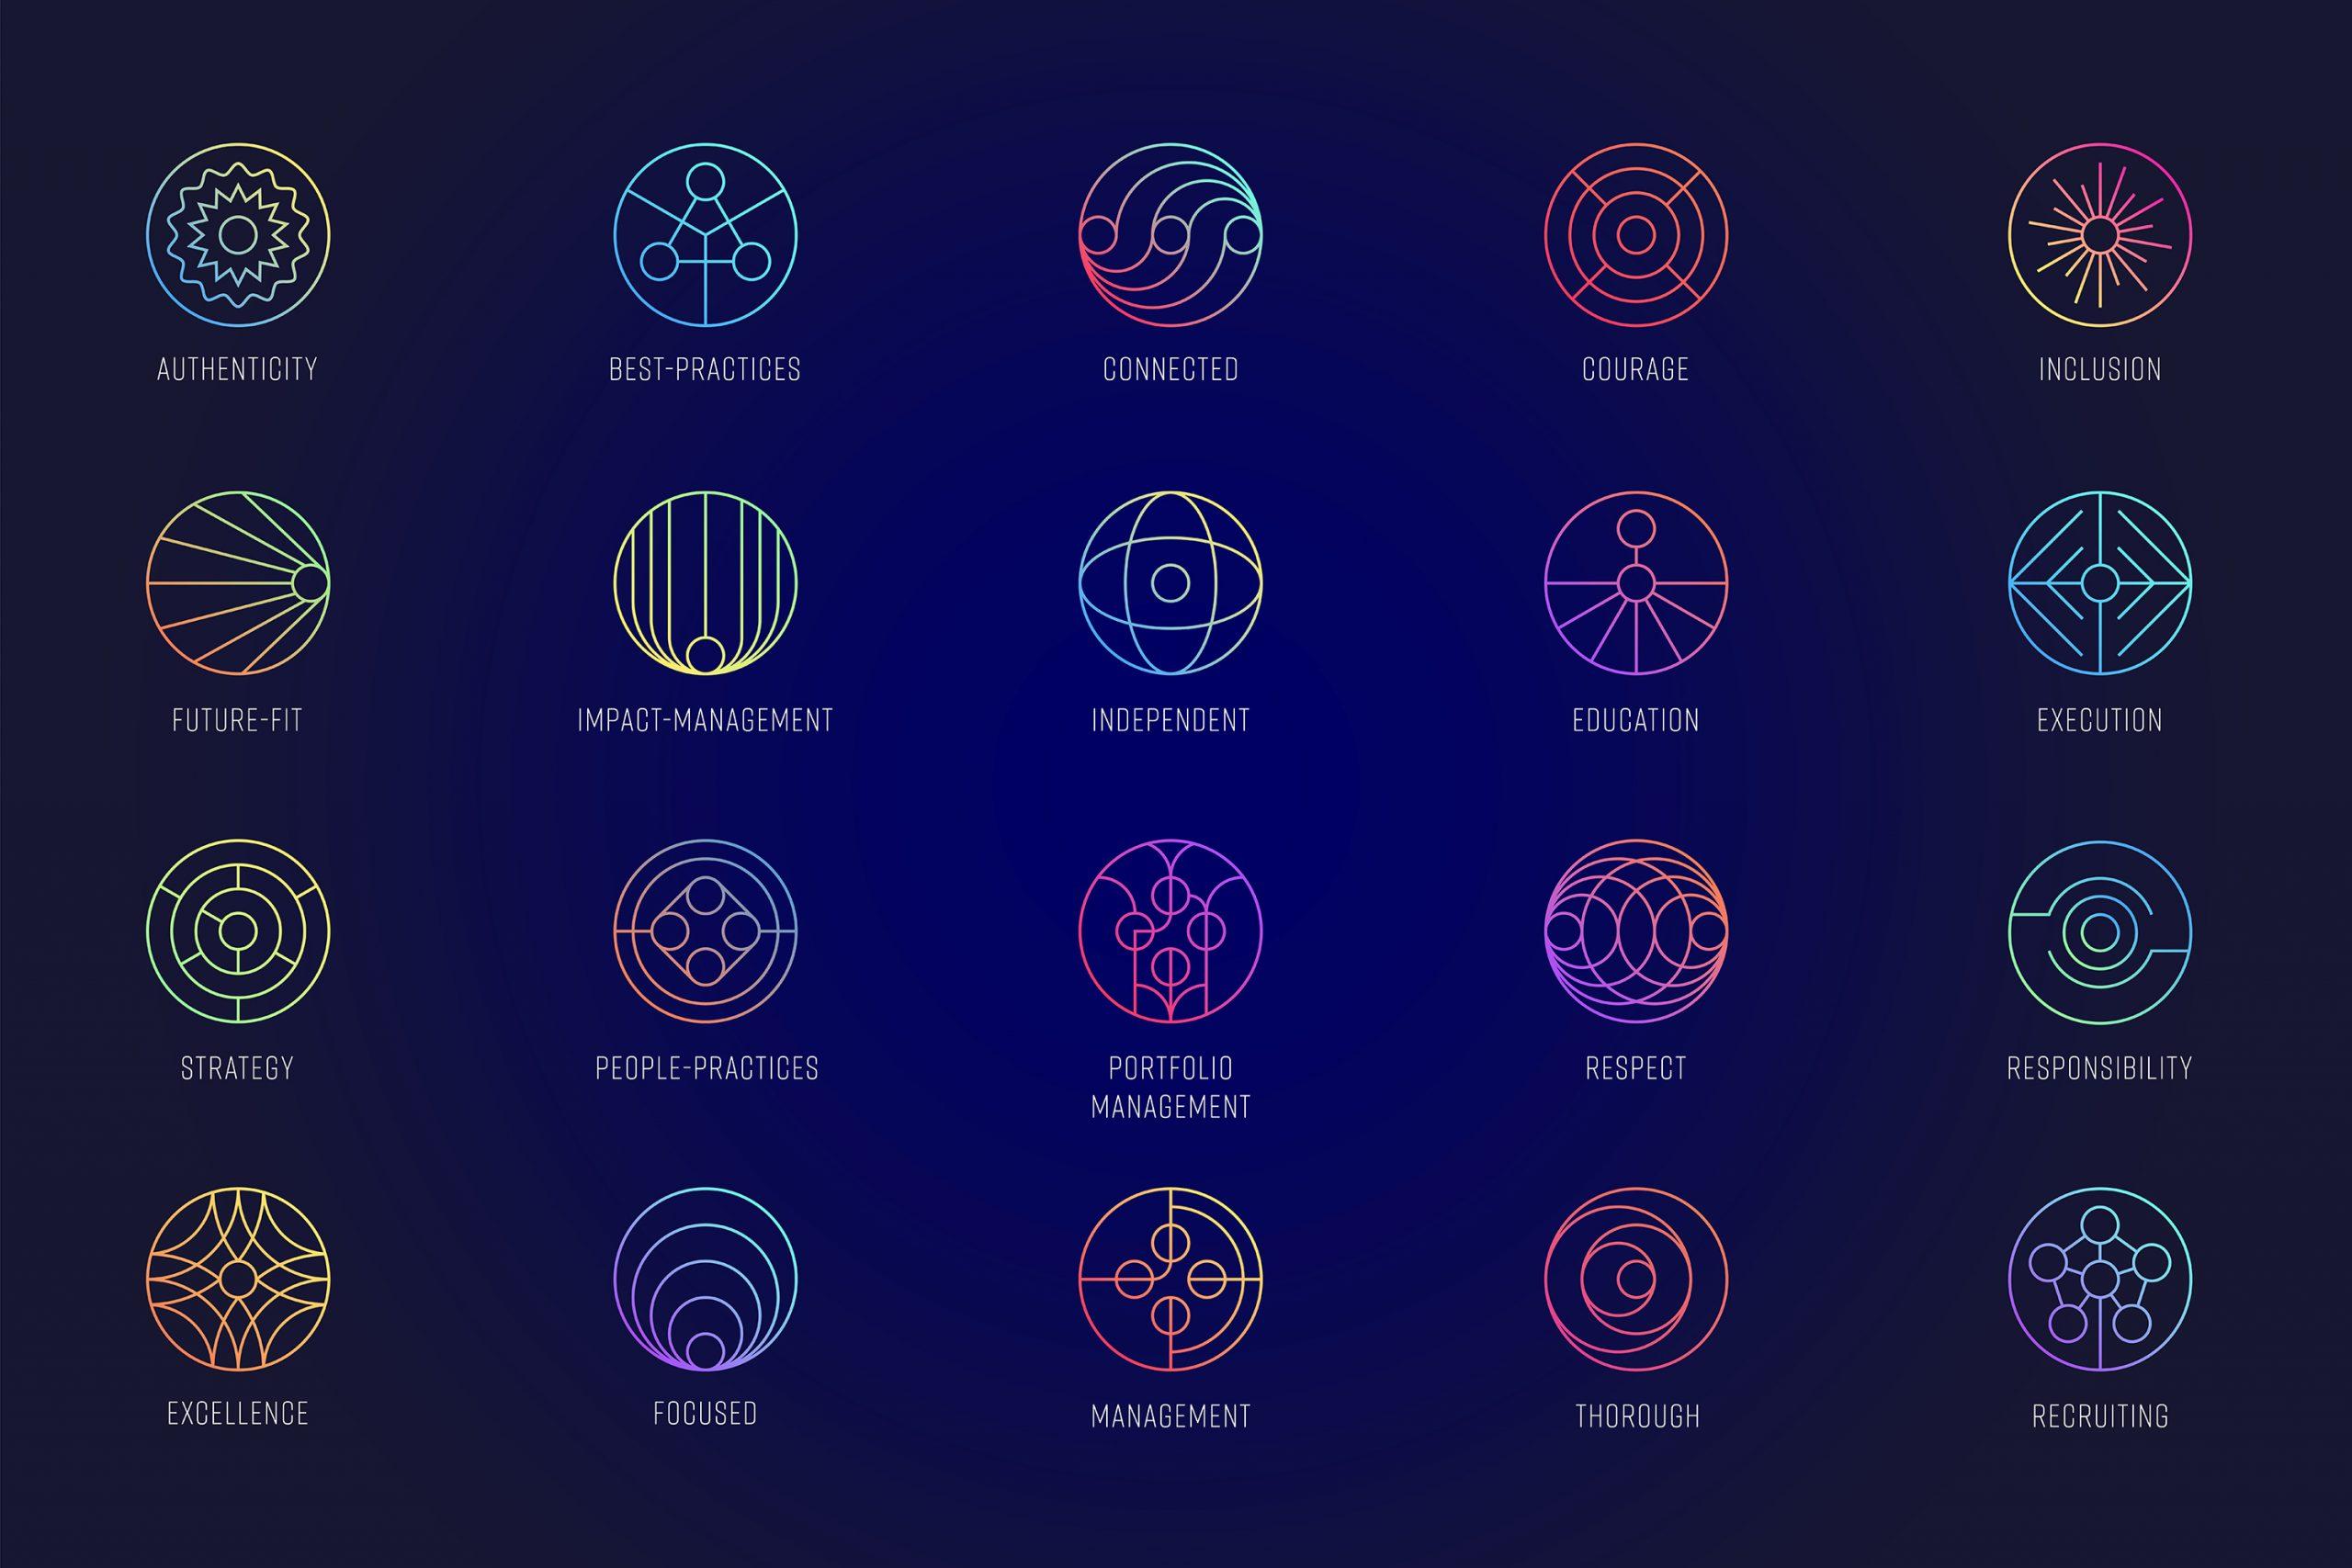 Zu sehen sind 20 Icons mit bunten Farbverläufen auf blauem Untergrund. Die Icons stehen für verschiedene Werte, die für SAGANA wichtig sind. SAGANA ist eine Impact Investment Beratung. Das Design stammt von MAJORMAJOR.